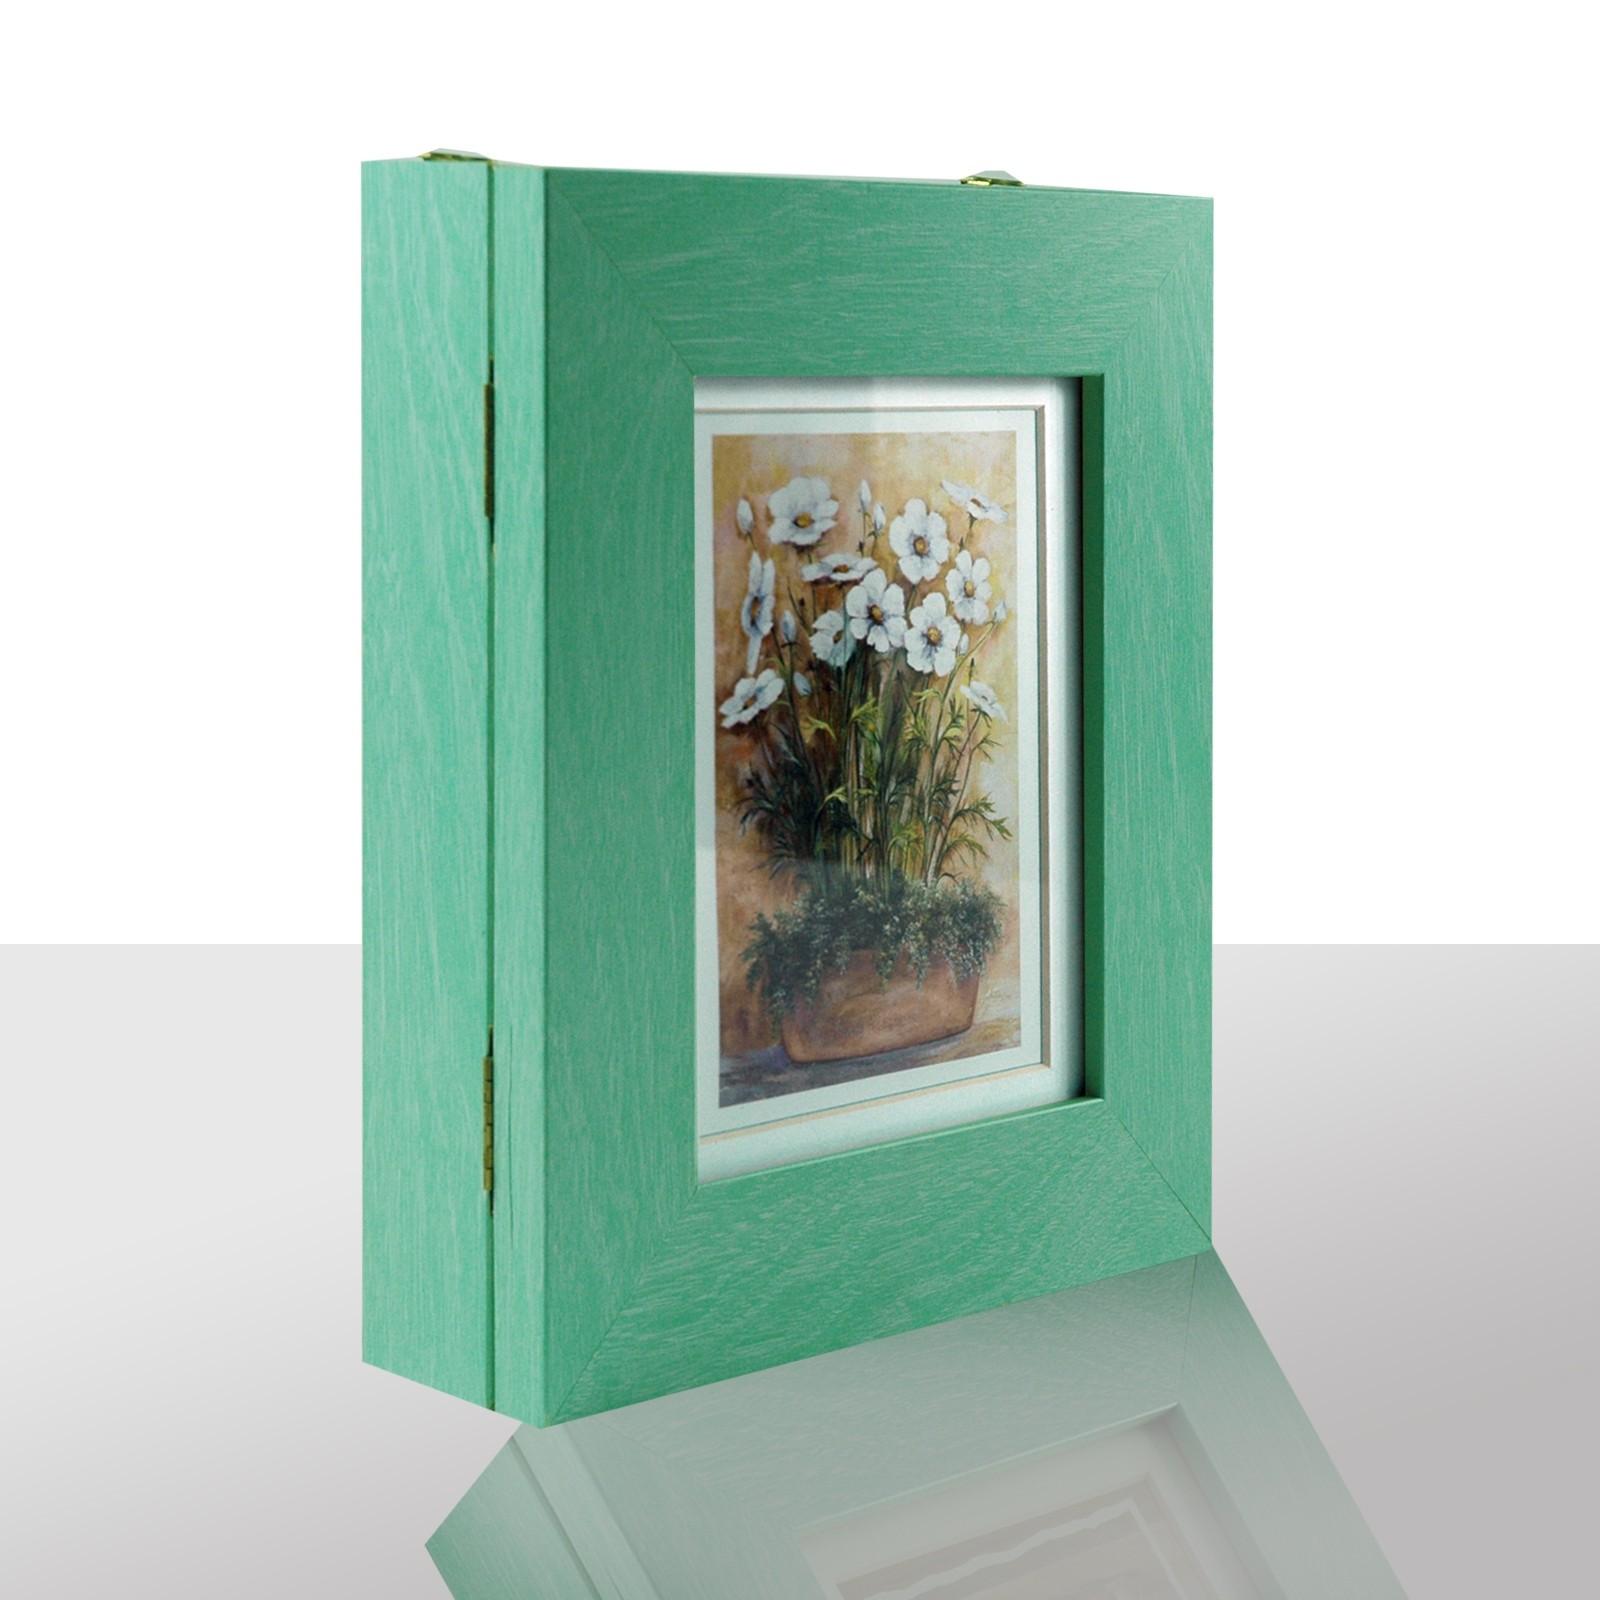 Schlüsselkasten grün,Schale m. weißen Blumen